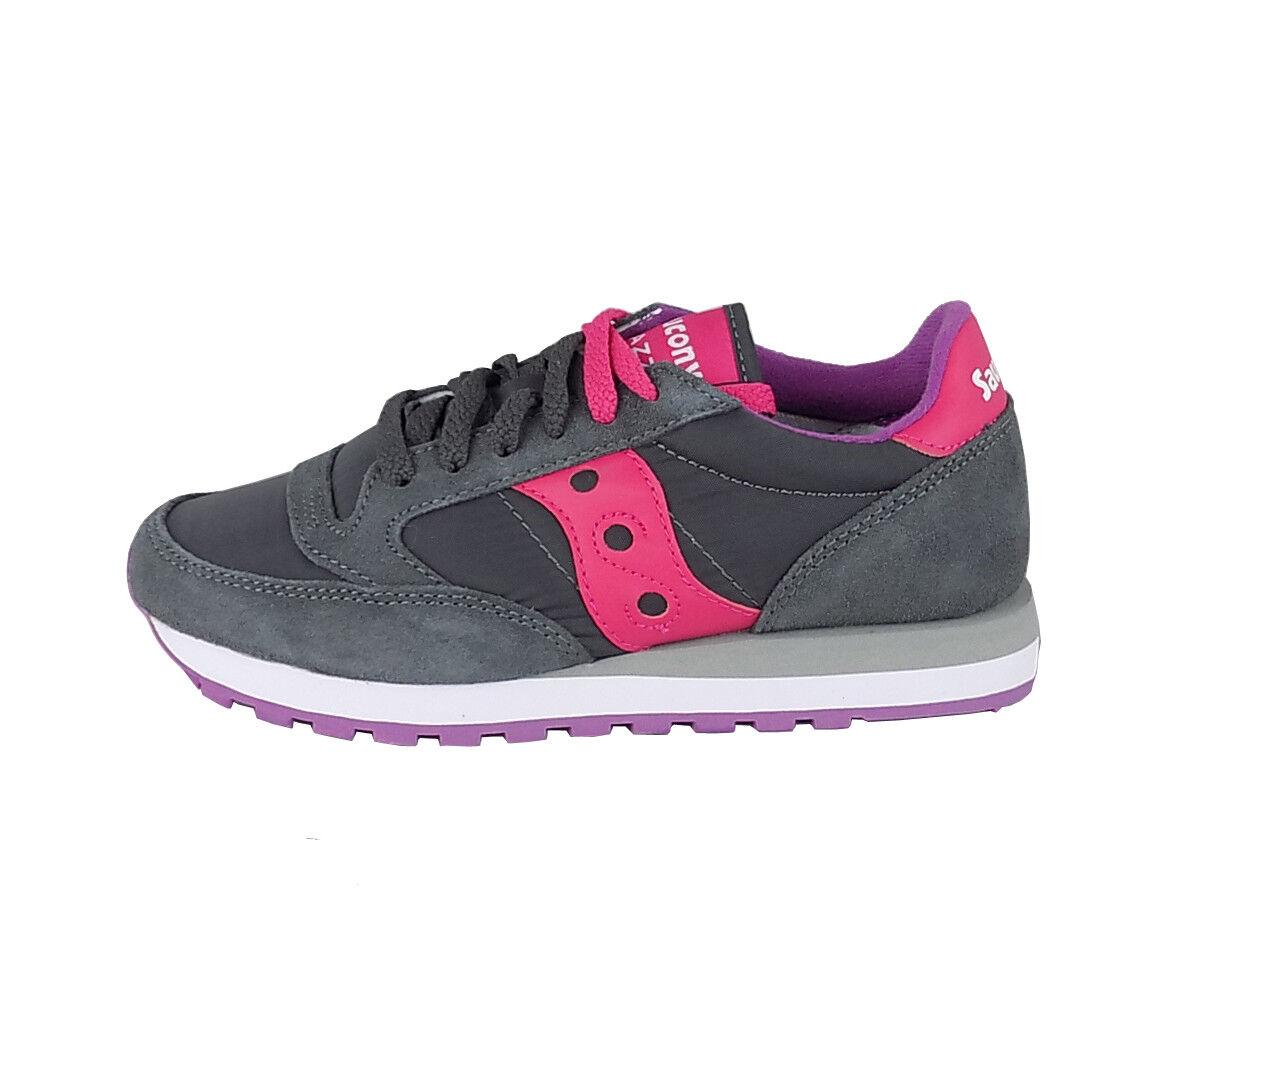 Saucony S1044-324 scarpe donna JAZZ ORIGINAL S1044-324 Saucony grigio e rosa 7ffaf2